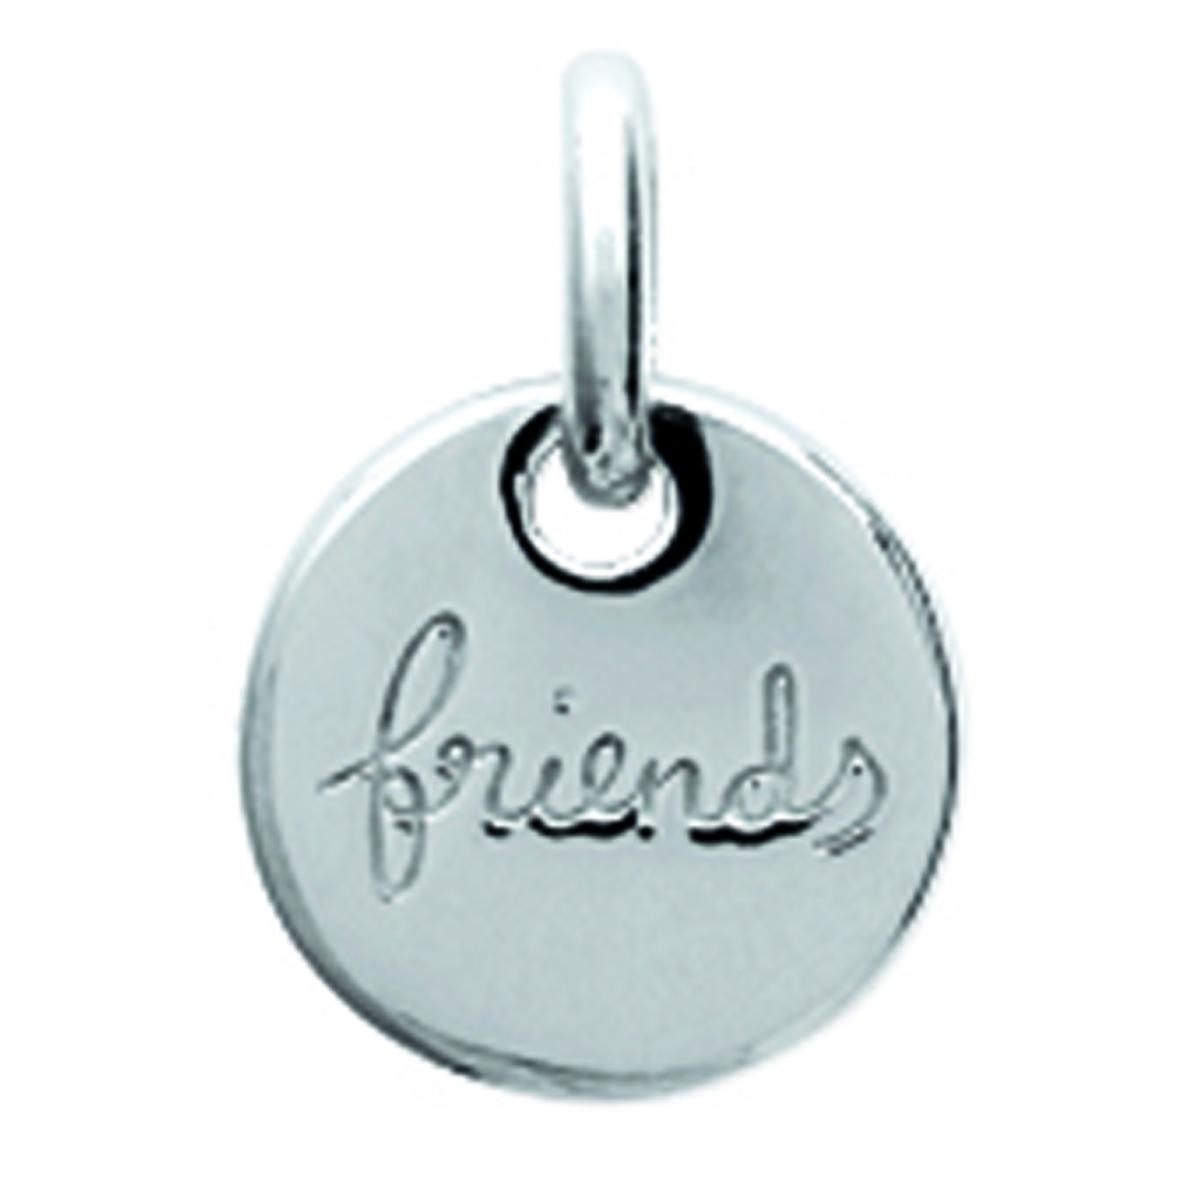 Pendentif Argent \'Friends\' argenté (rhodié) - 9 mm - [N3409]